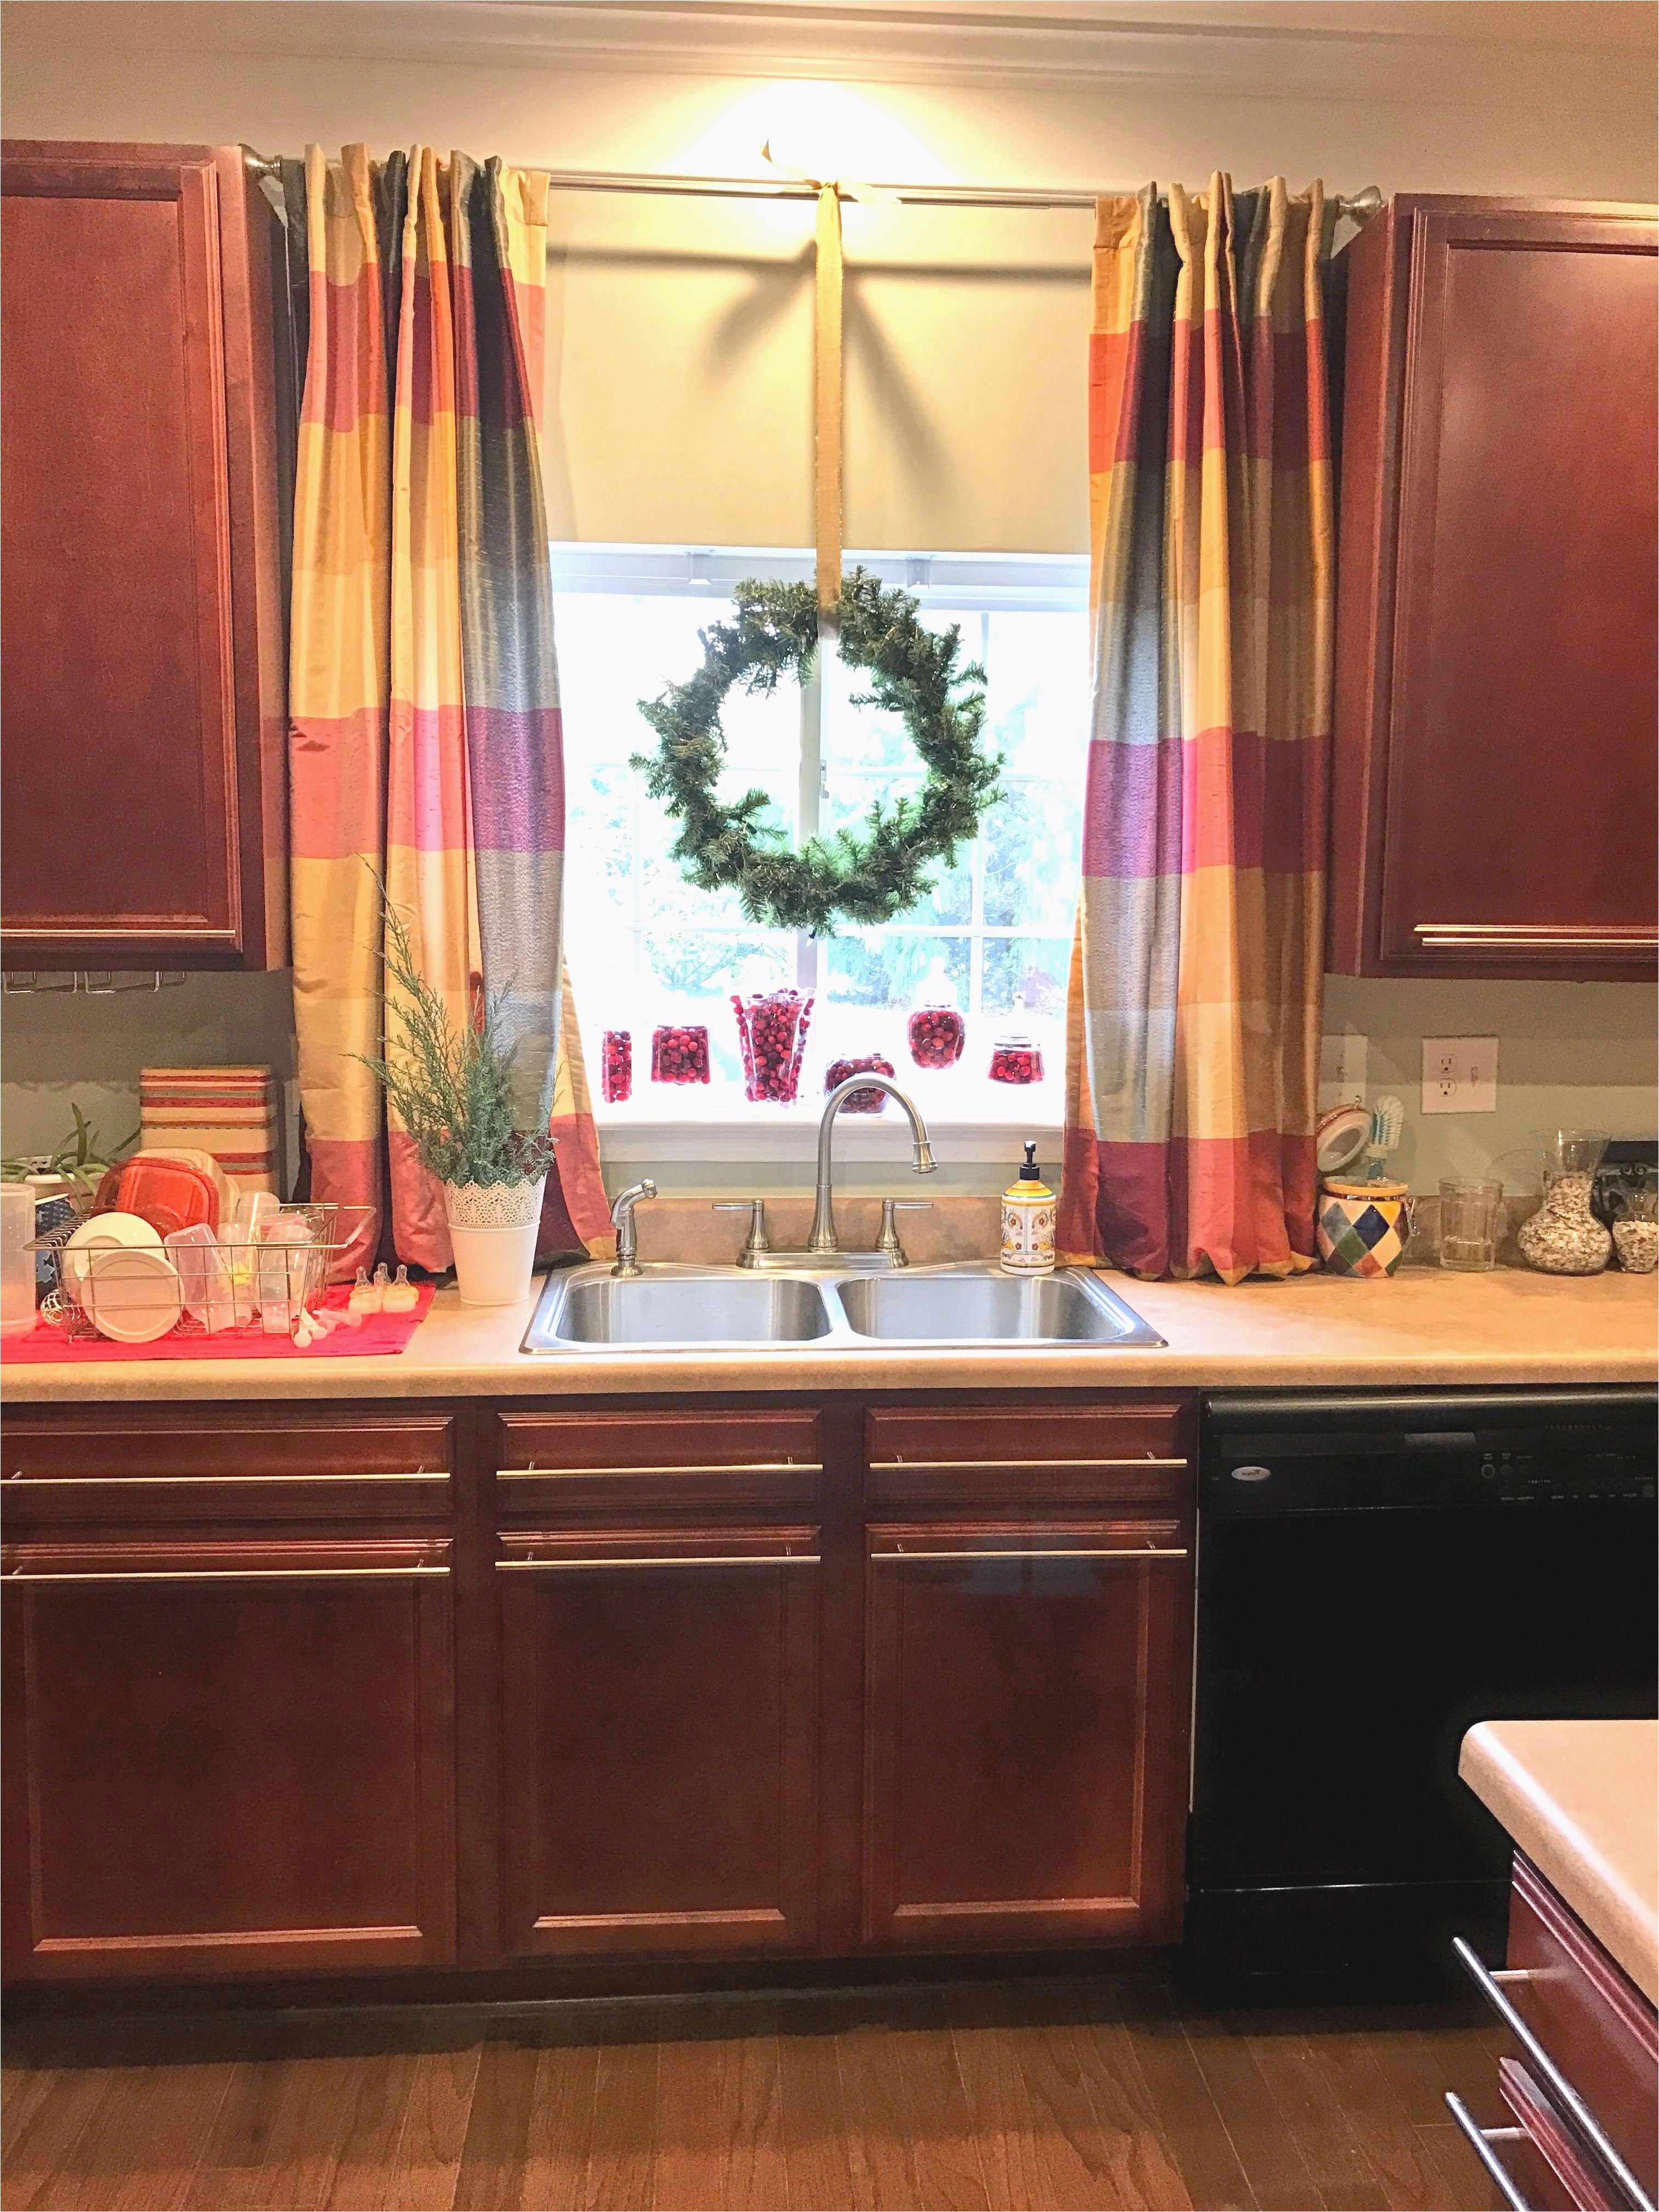 sink kitchen curtain ideas home for modern curtains over sinki 0d fresh corner kitchen cabinet ideas